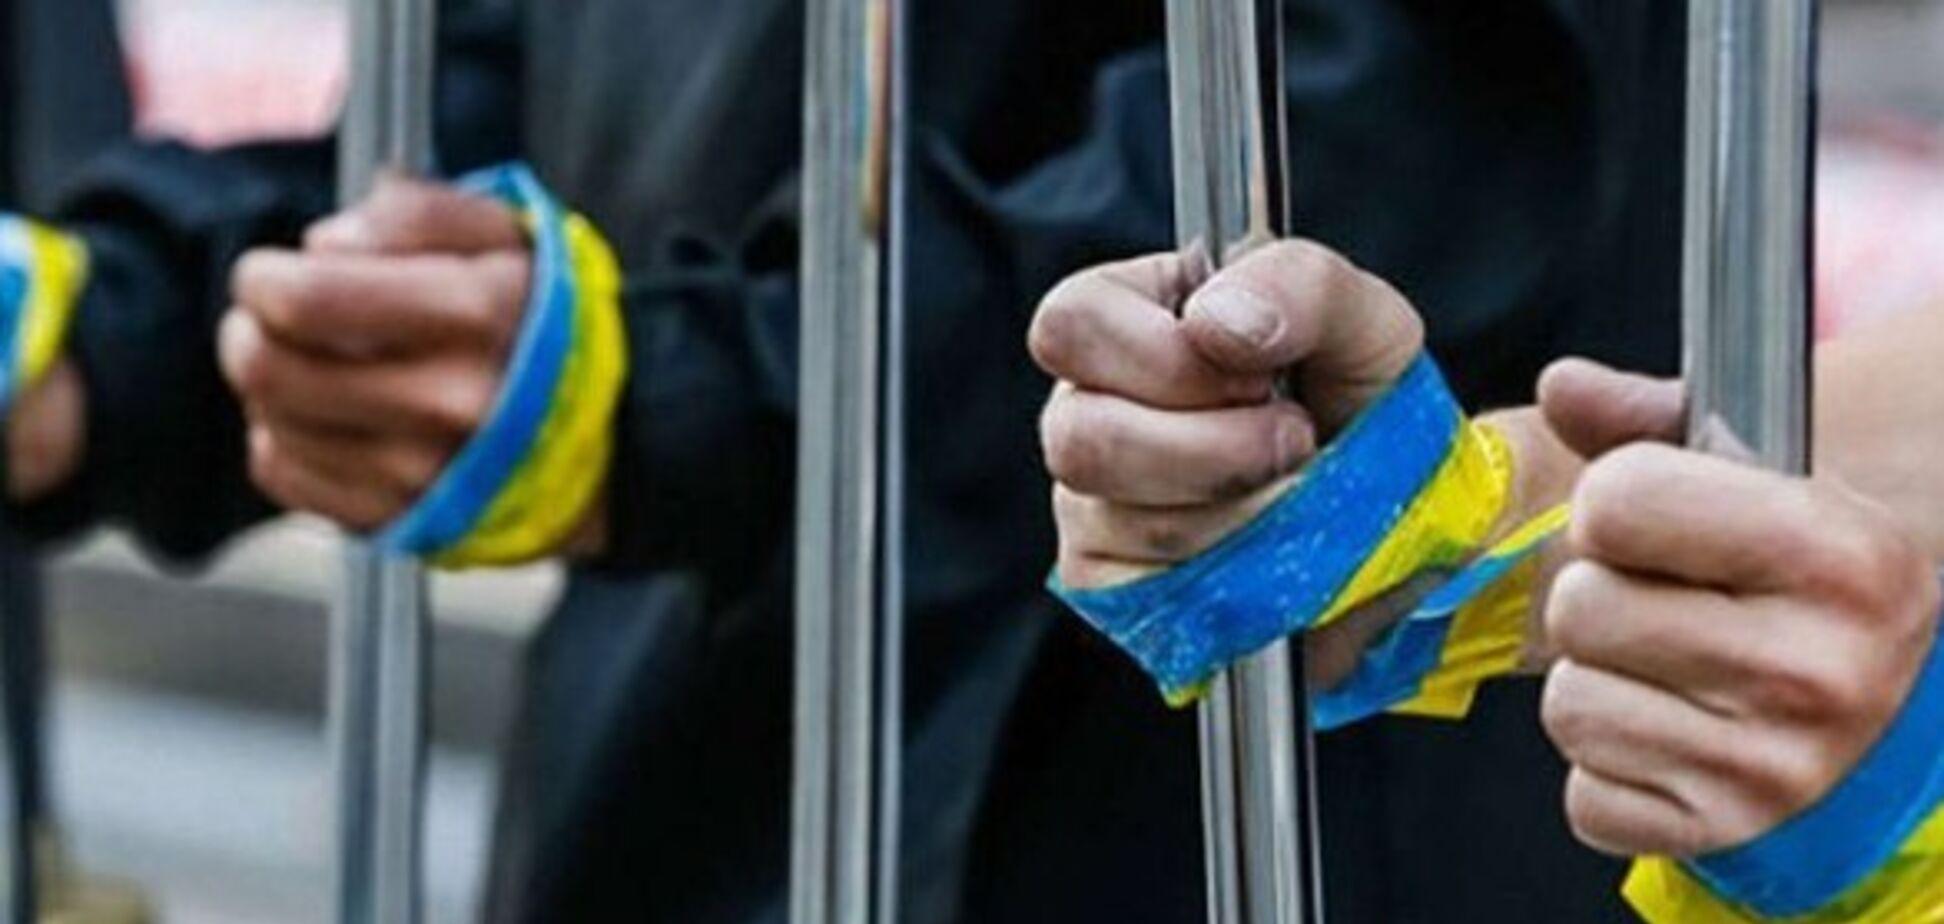 Обмен пленными между Россией и Украиной откладывается? Появились тревожные данные